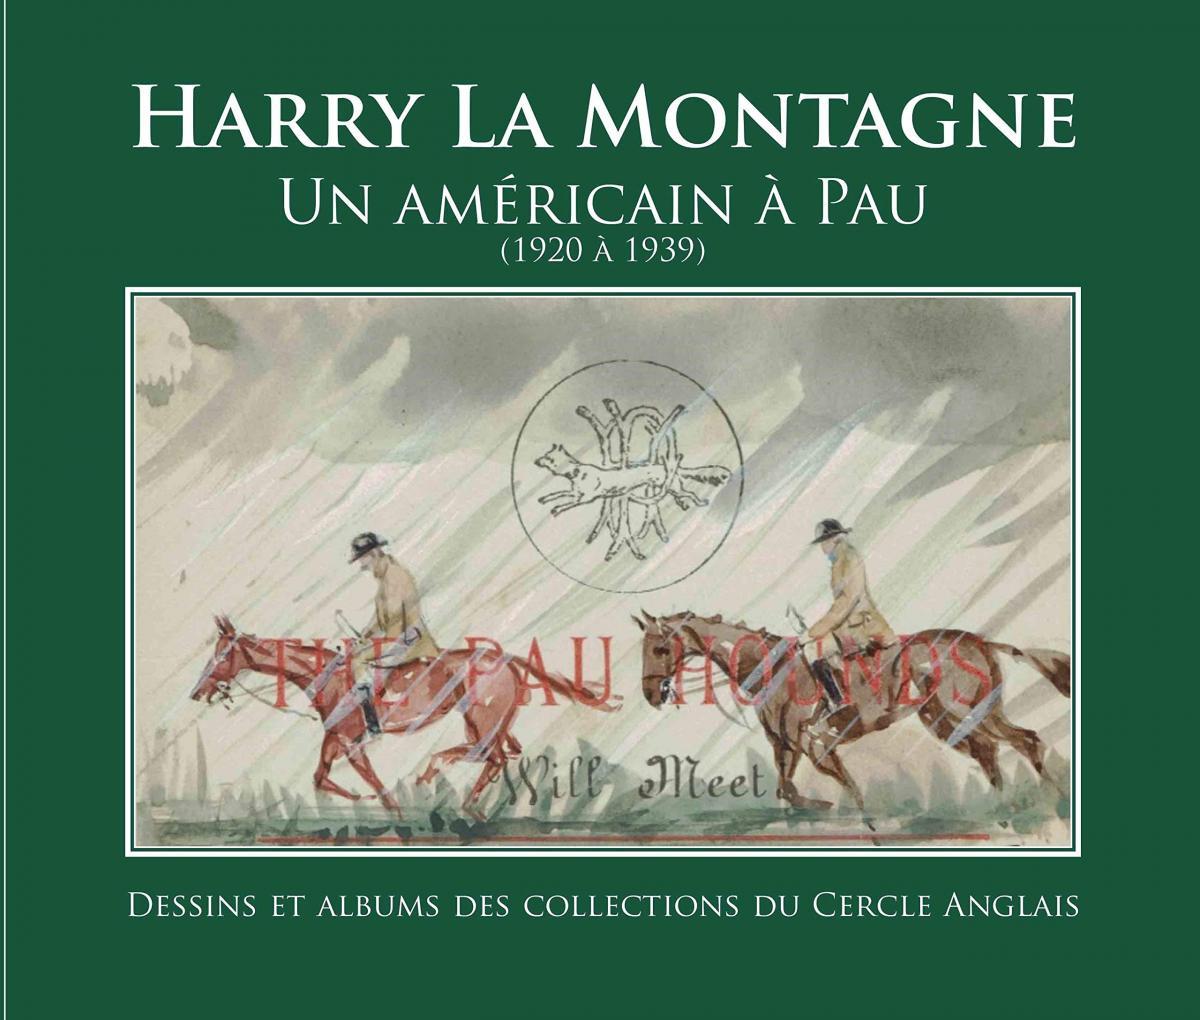 Harry La Montagne, un Américain à Pau (1920 à 1939) des membres du Cercle anglais de Pau